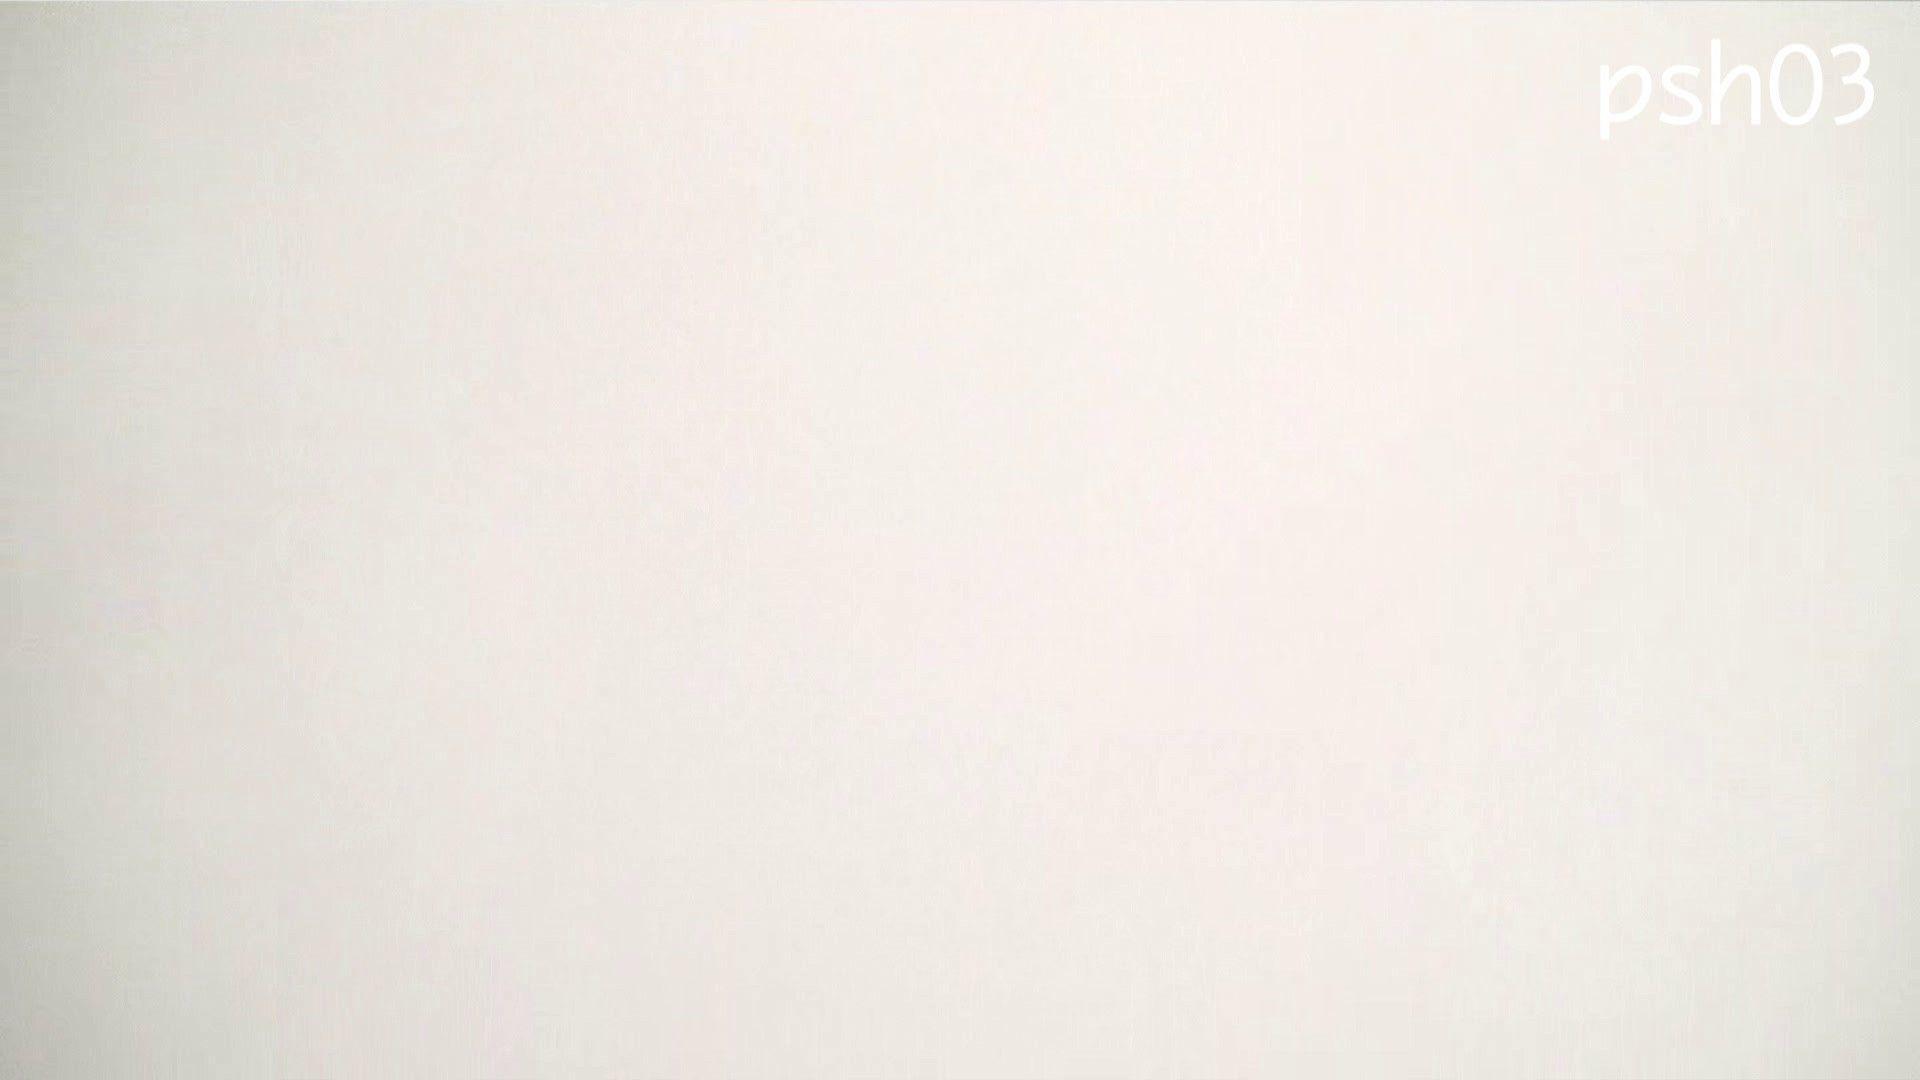 ▲復活限定▲ハイビジョン 盗神伝 Vol.3 ギャル攻め おめこ無修正動画無料 67画像 37